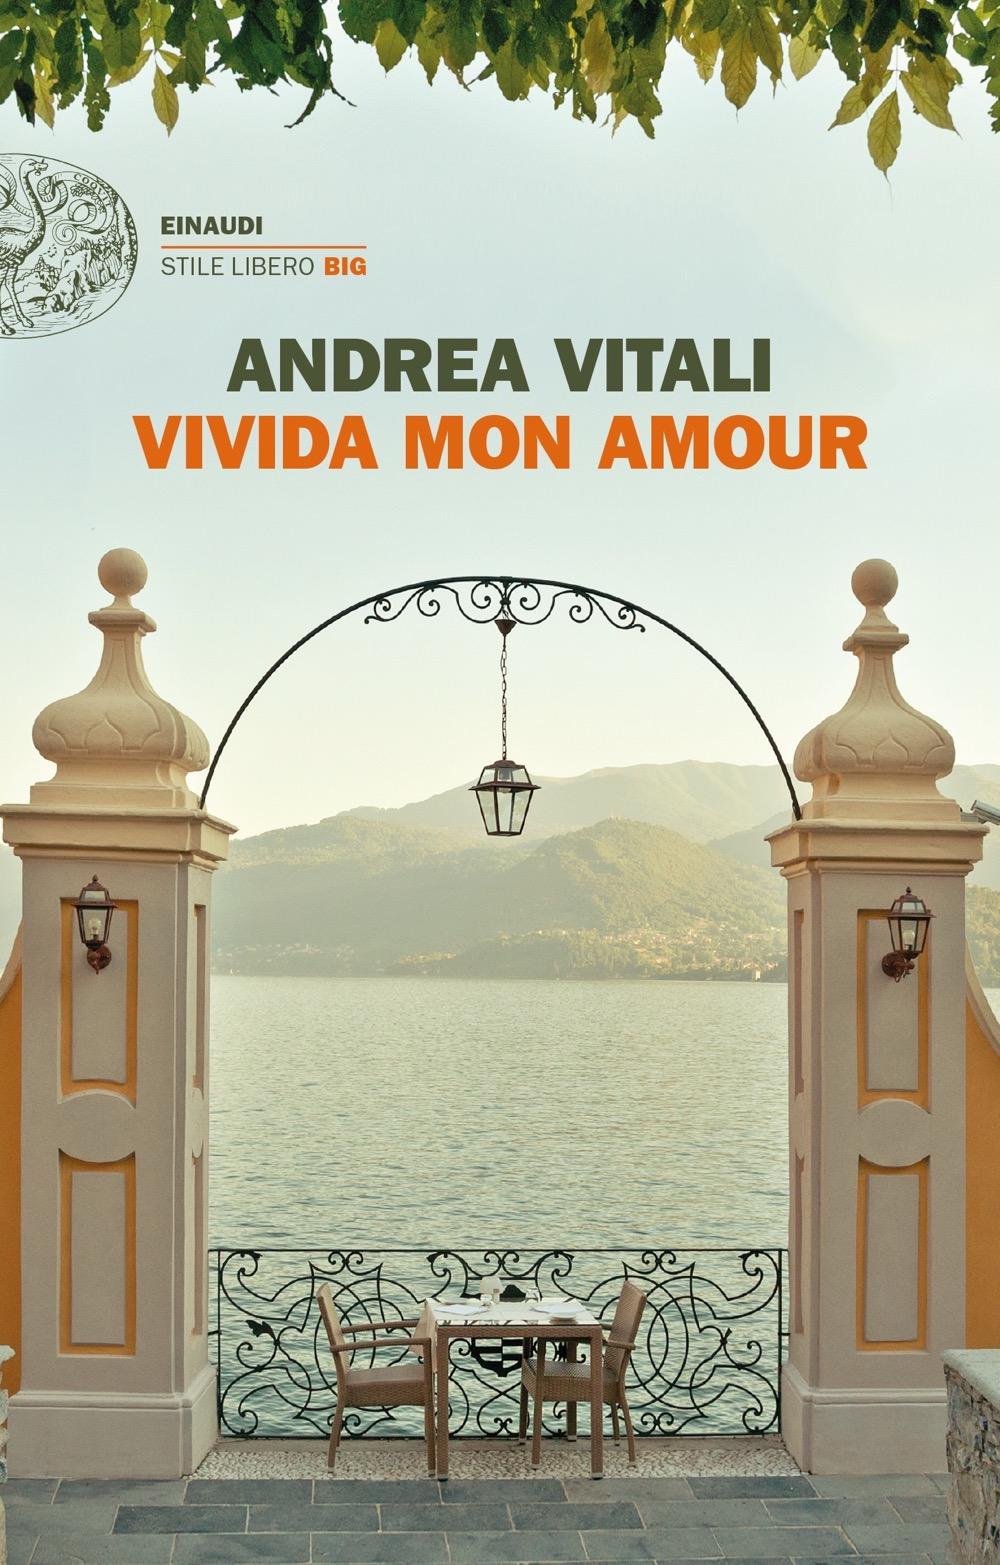 Vivida mon amour, Andrea Vitali. Giulio Einaudi Editore - Stile libero Big